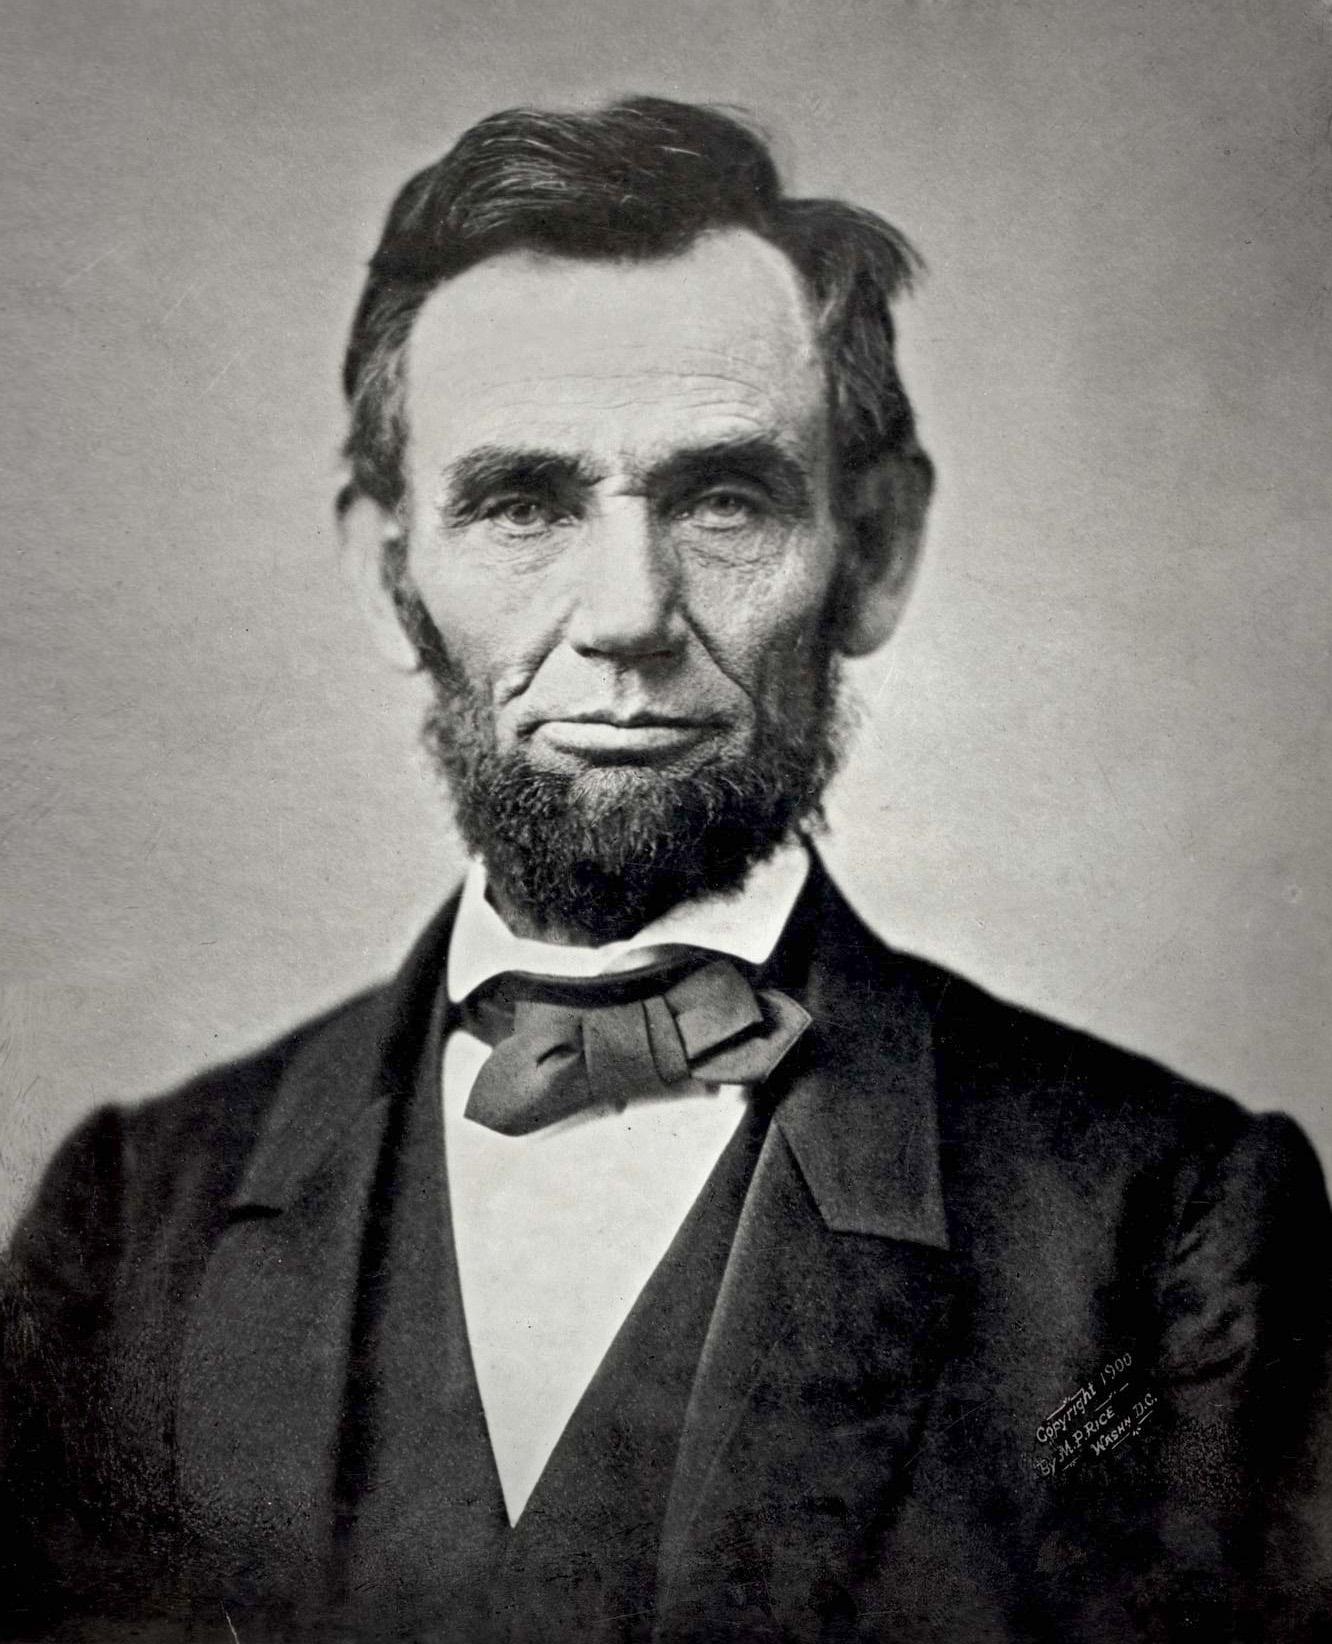 Abraham Lincoln スピルバーグ監督が映画化した「リンカーン」。 | 映画、大好き